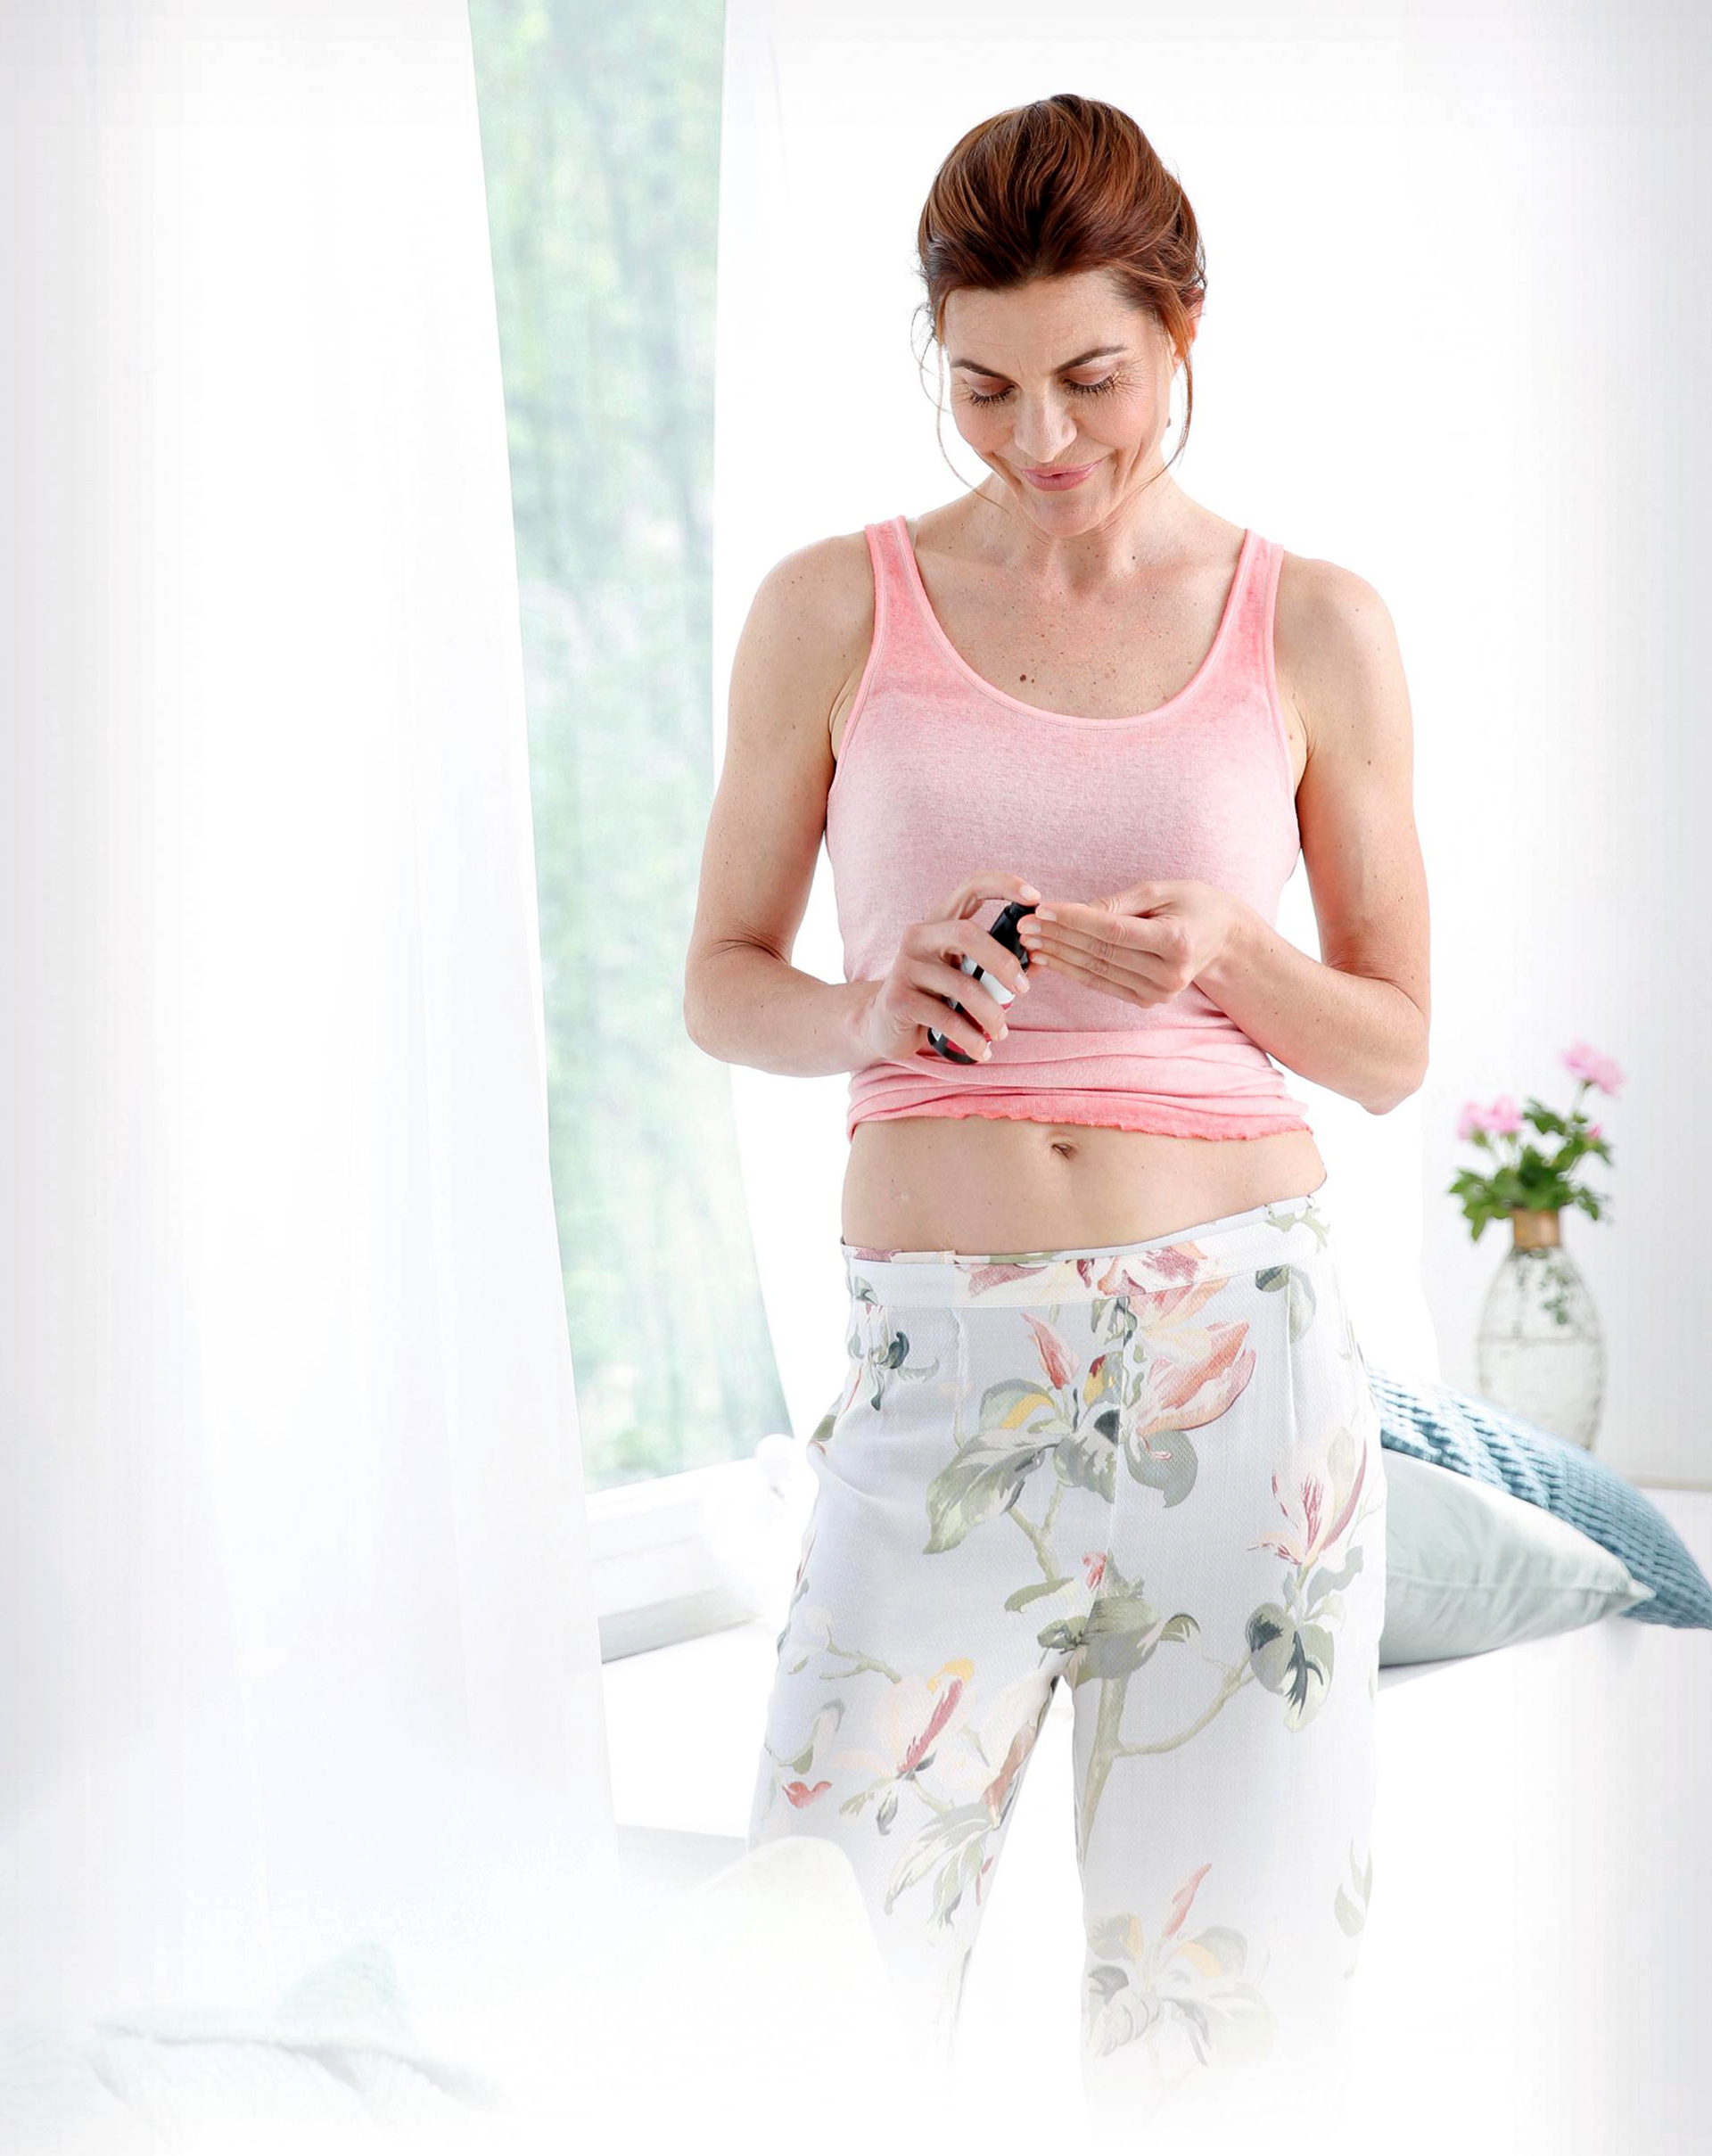 Aromatherapie begleitet Frauen entspannend und ausgleichend durch alle Lebensphasen